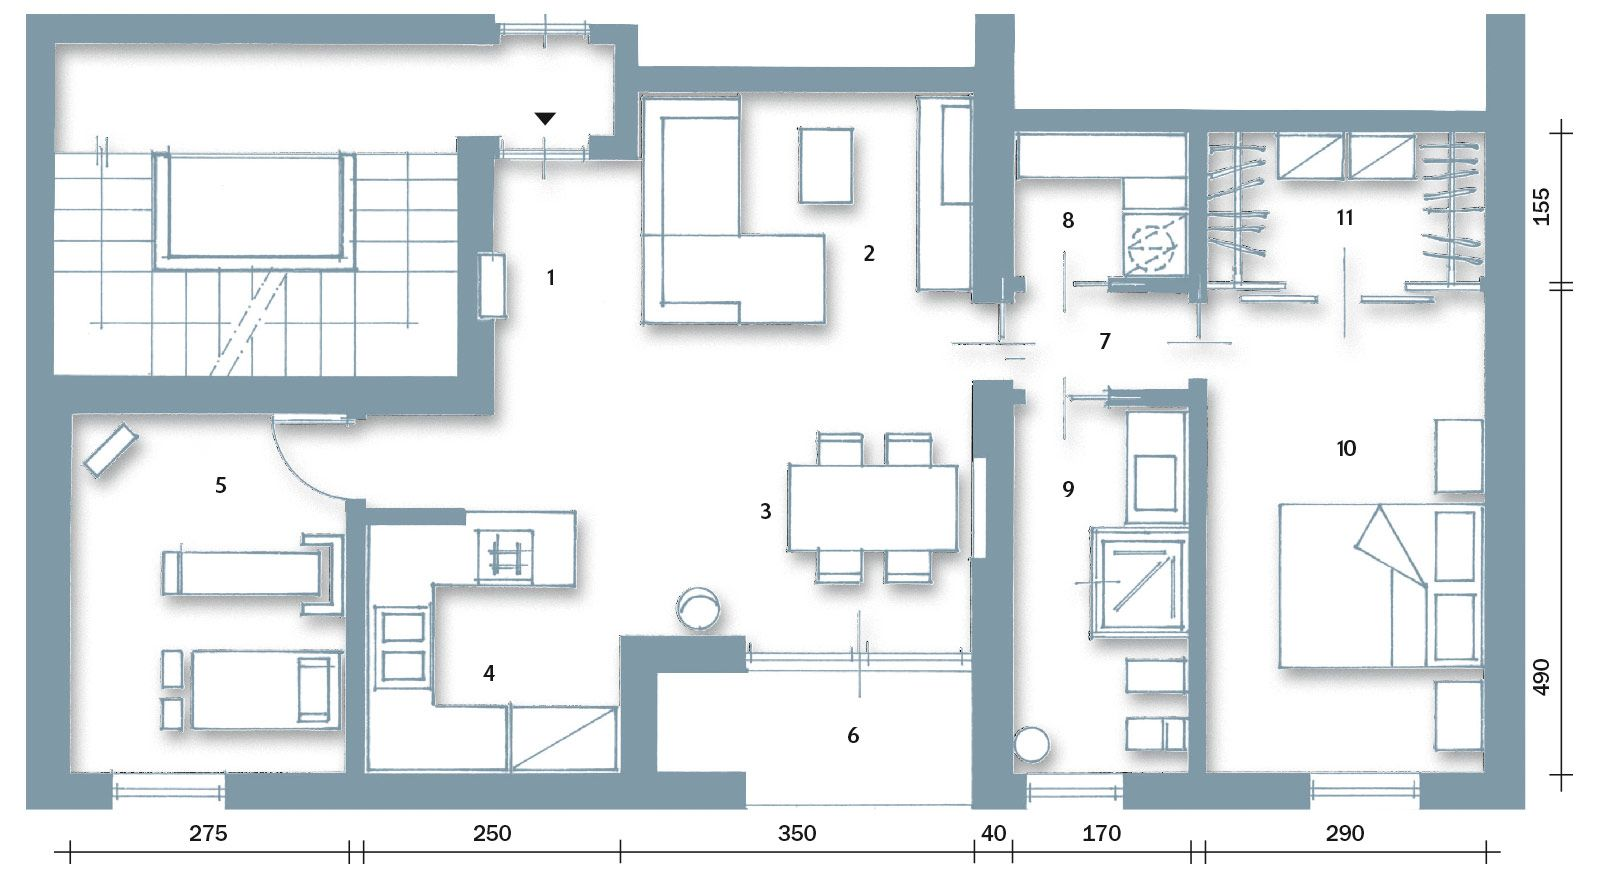 Casa con 10 trucchi 83 mq sembrano pi grandi spazi for Planimetria di cottage calabash